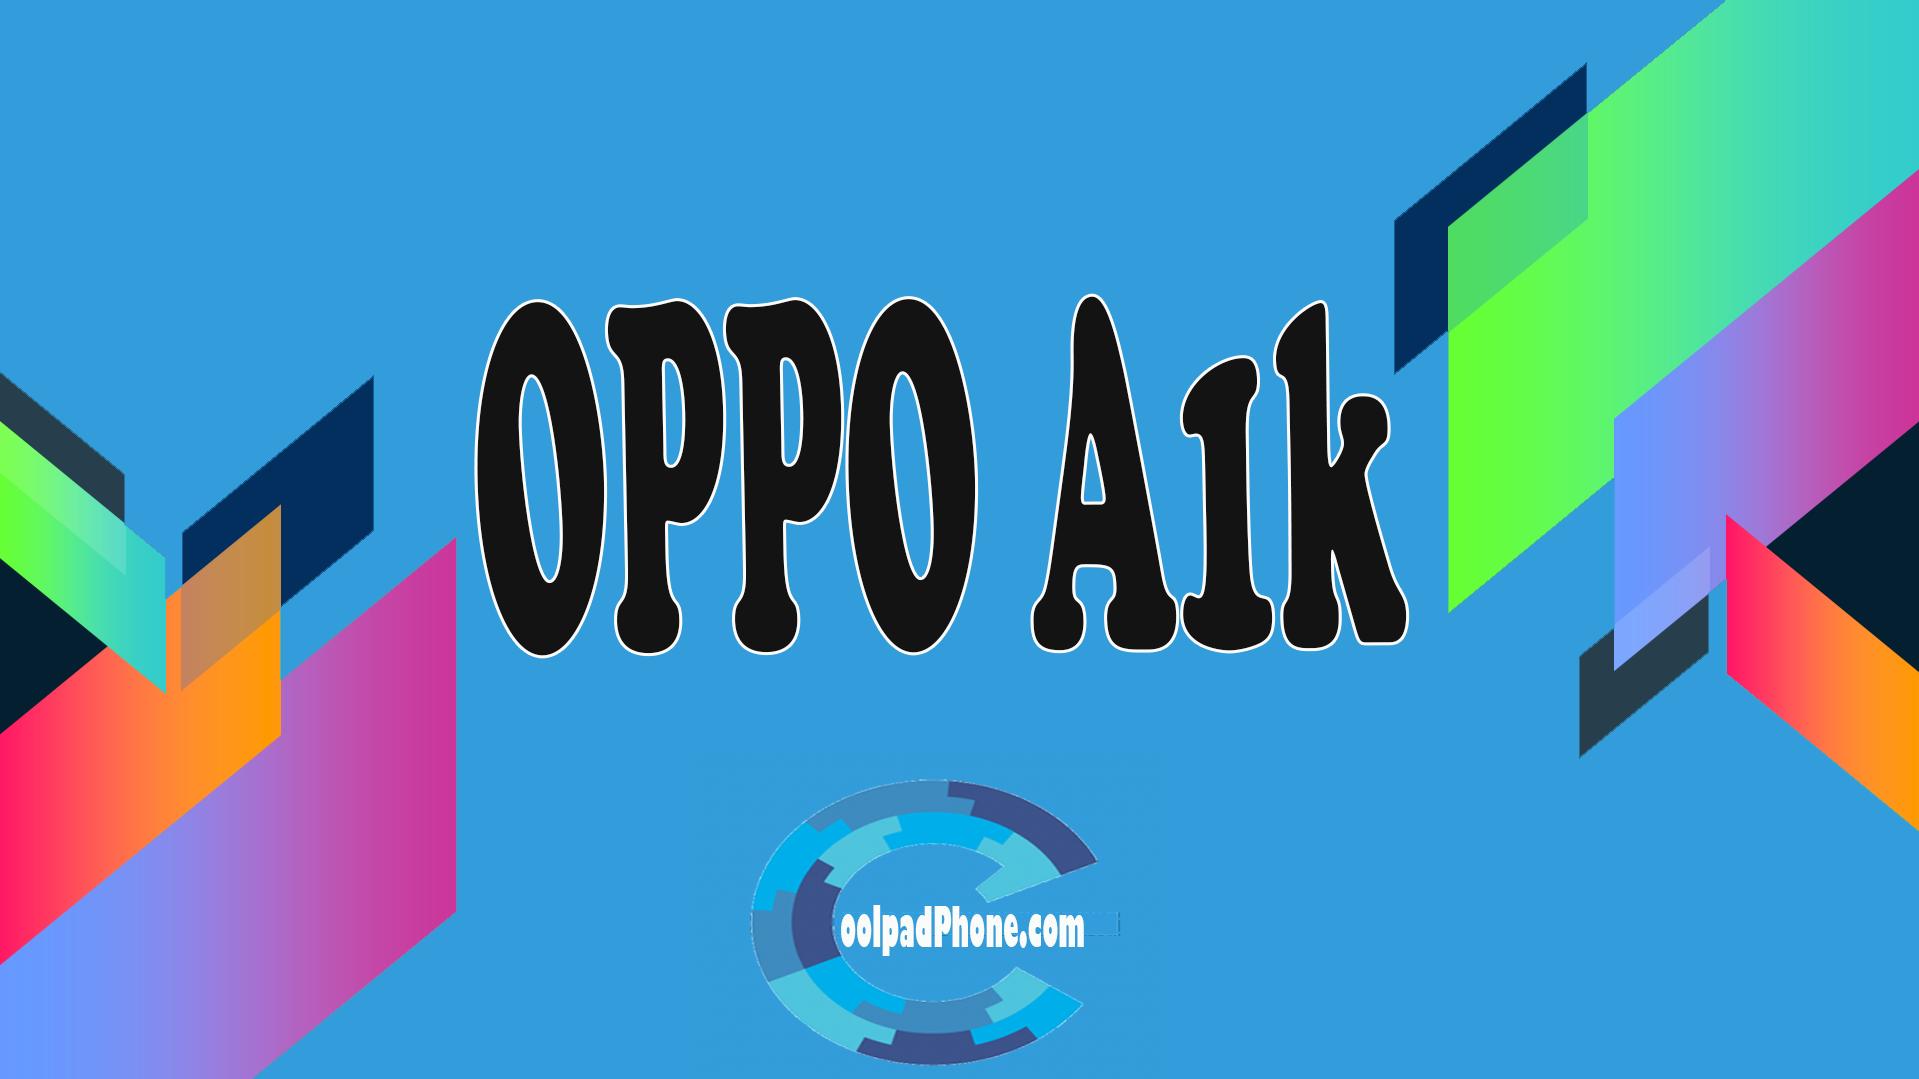 OPPO-A1k